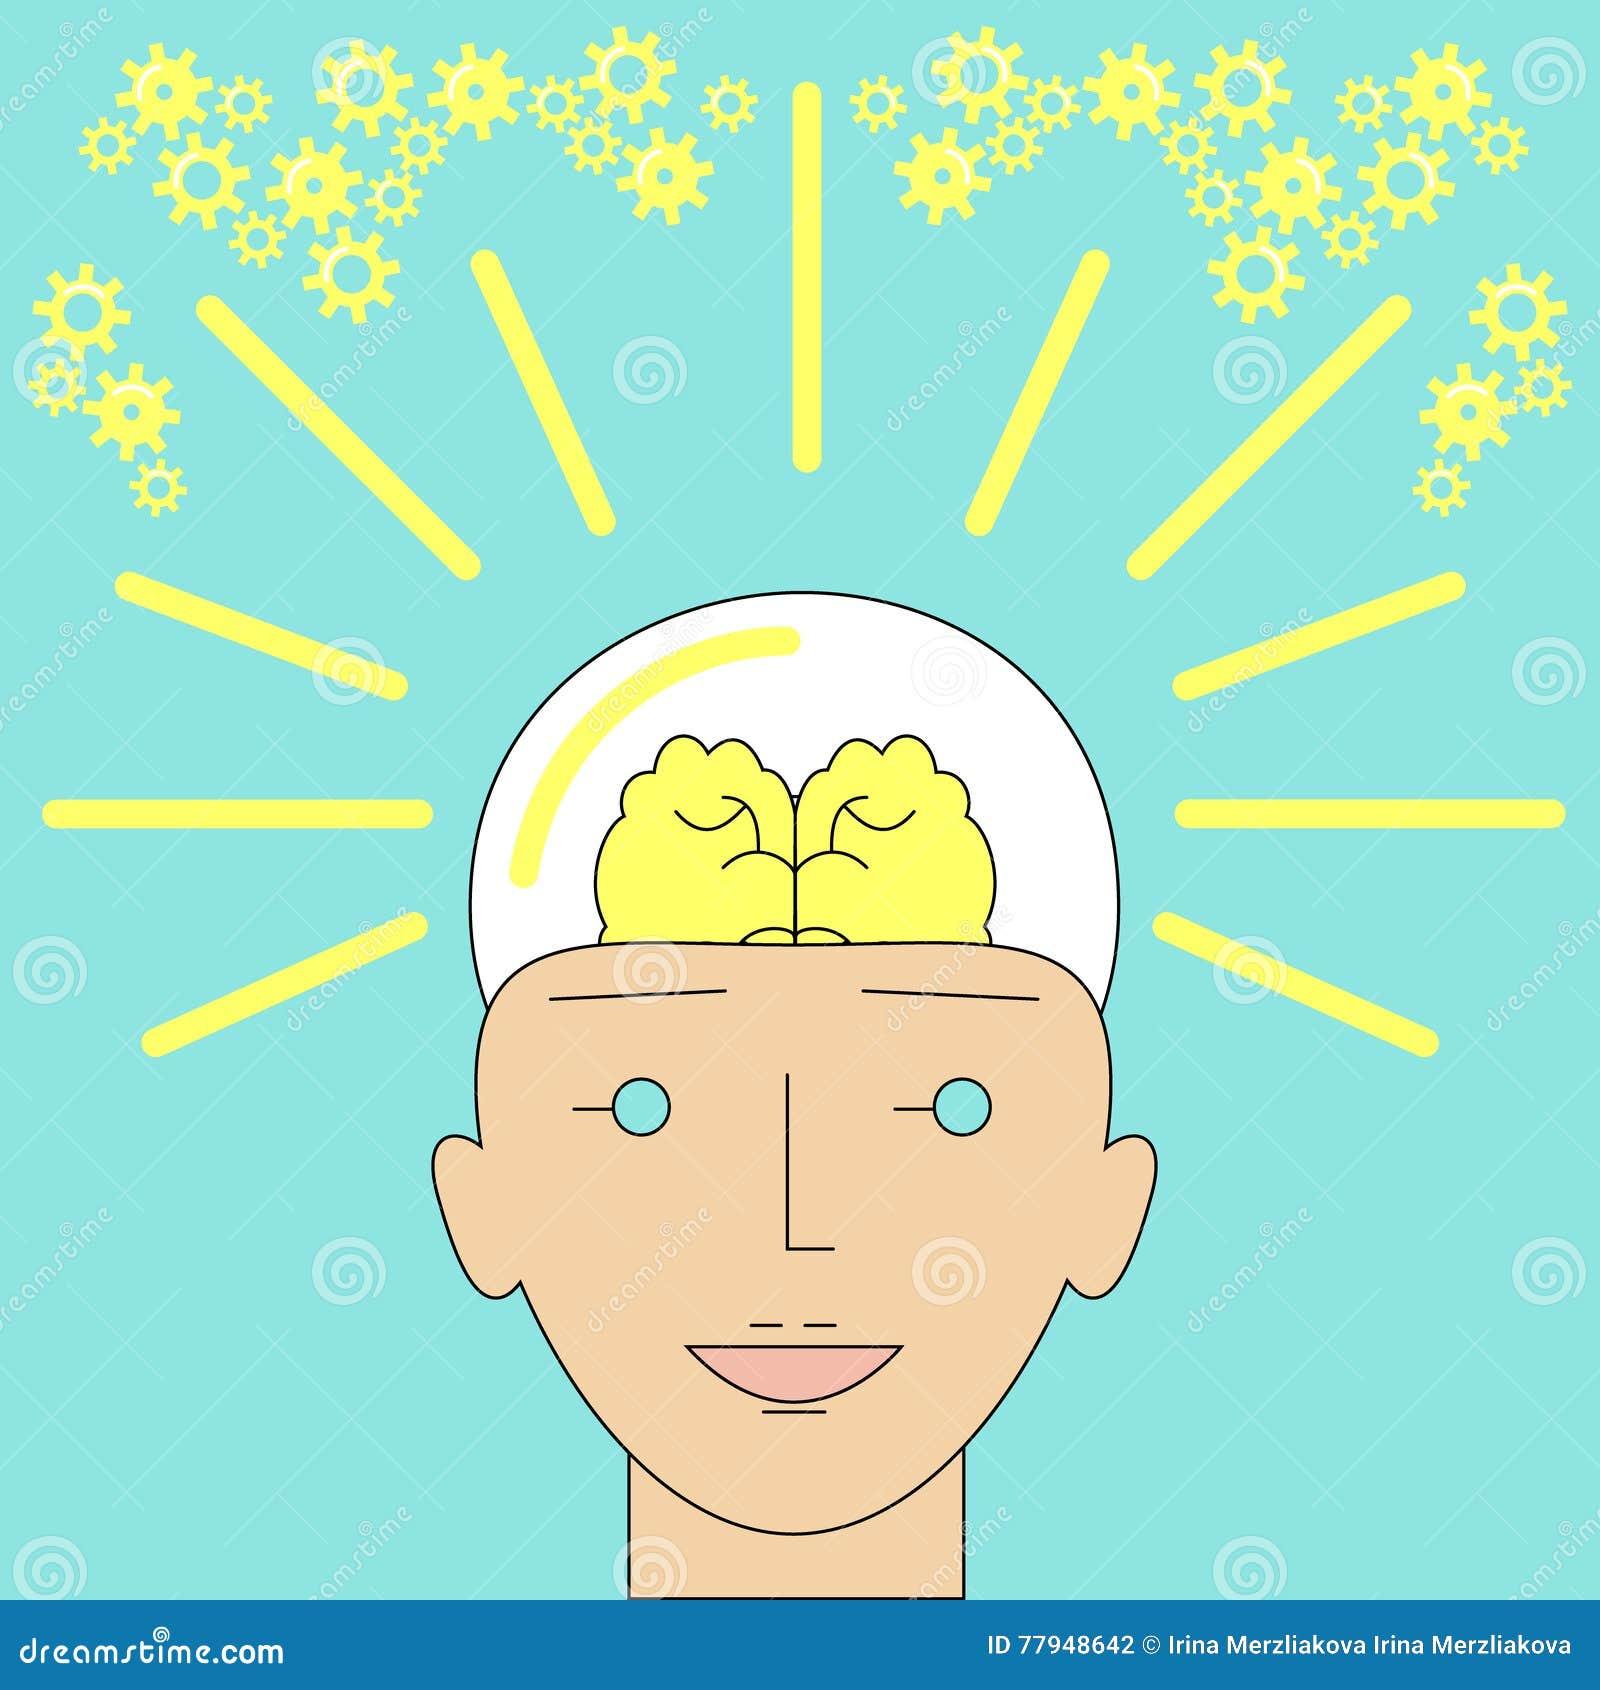 Ny ljus idéform av ett mänskligt huvud som en idérik ljus kula mig